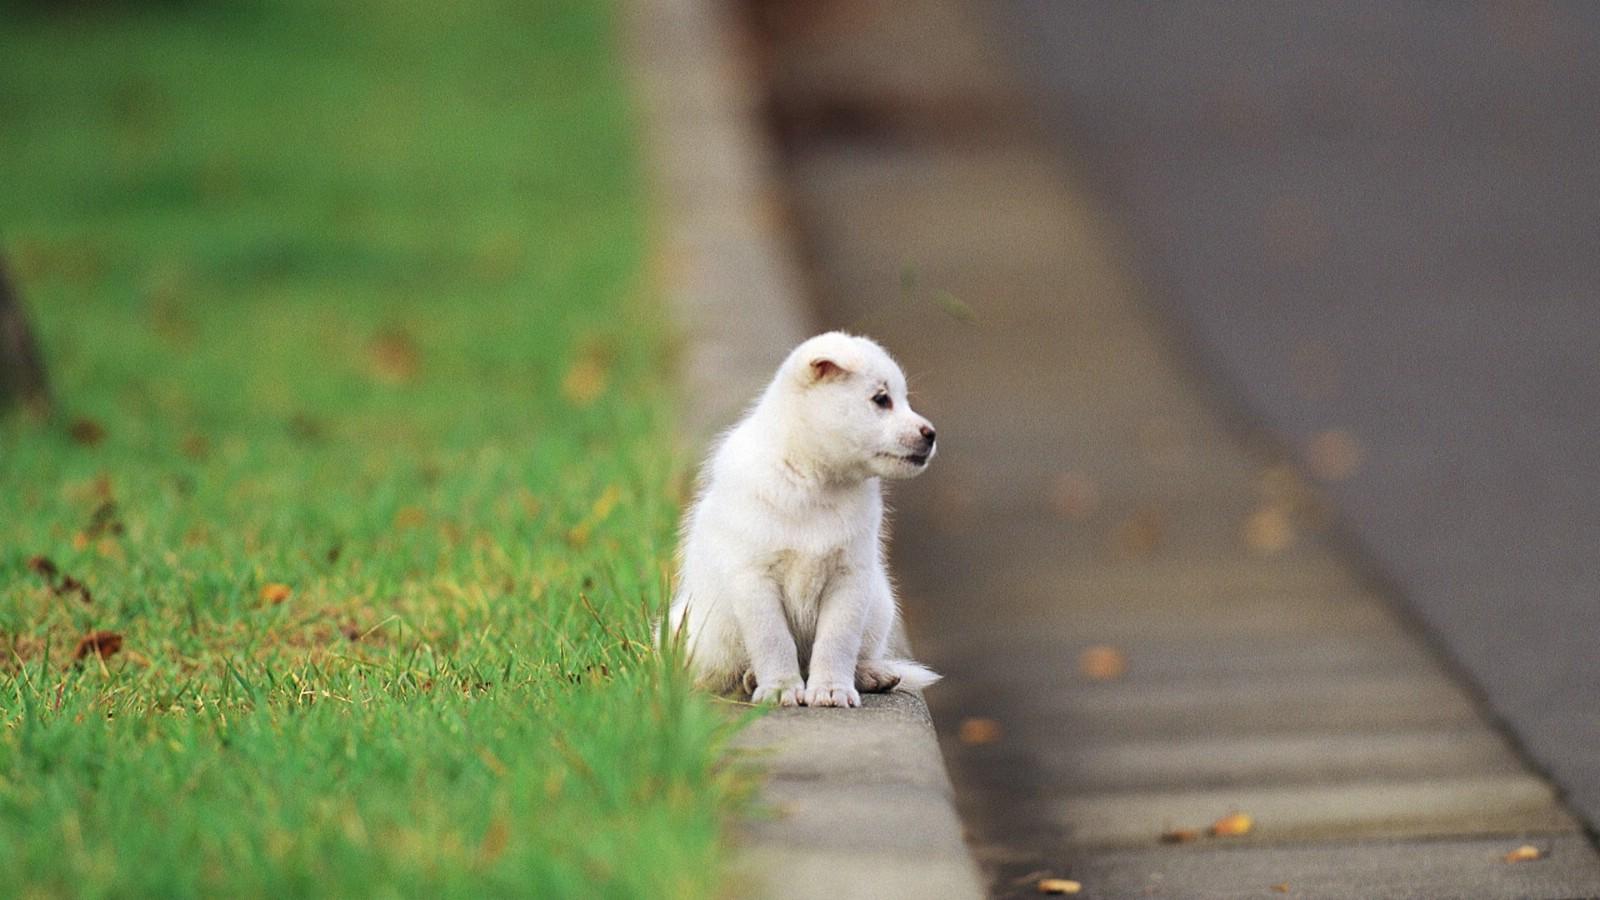 壁纸1600×900可爱小狗狗壁纸